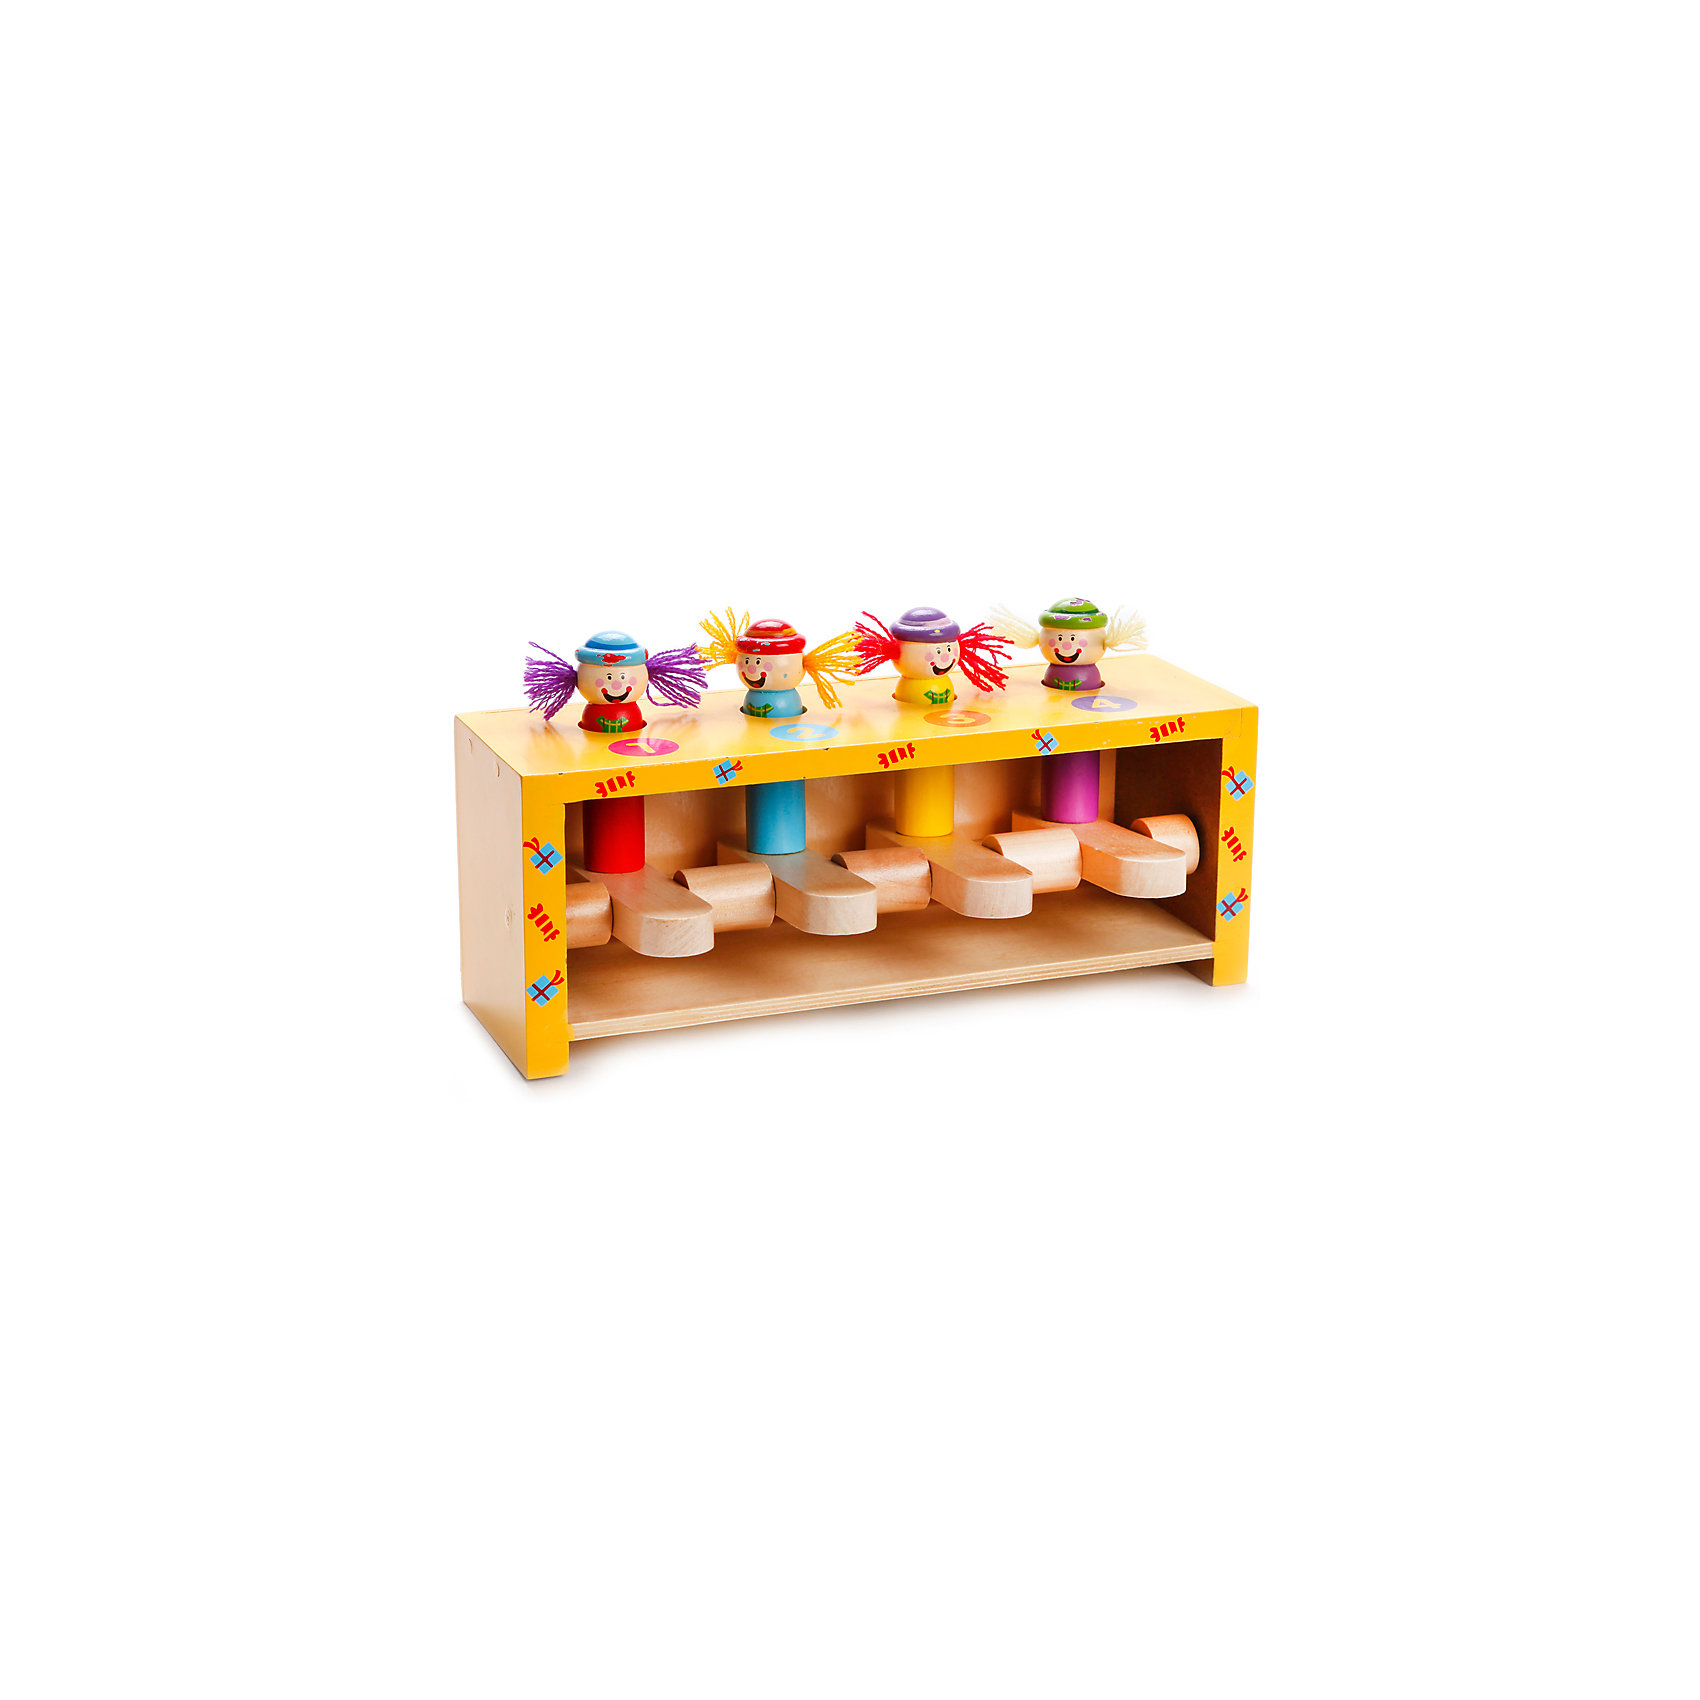 Набор с молоточком Прыгающие клоуны, MapachaРазвивающие игрушки<br>Набор с молоточком Прыгающие клоуны от популярного бренда развивающих детских товаров Mapacha (Мапача) придет малышу по вкусу и привнесет разнообразие в привычный арсенал игрушек. Набор представляет собой небольшой ящичек размером 23 * 7 * 8,5 см. с клавишами и отверстиями. В отверстия вставляются четыре забавные фигурки клоуна, если ударить молоточком по клавише один клоун вылетит из ящичка. Задача ребенка – выбить всех клоунов из ящичка. Этот набор изготовлен из экологически чистого и натурального материала – дерева, отлично отшлифован и окрашен в яркие цвета.<br> <br>Дополнительная информация:<br><br>- В комплект входит: ящичек, 4 клоуна, молоточек<br>- Материал: дерево<br>- Размер: 23 * 7 * 8,5 см. <br><br>Набор с молоточком Прыгающие клоуны, Mapacha (Мапача) можно купить в нашем интернет-магазине.<br><br>Подробнее:<br>• Для детей в возрасте: от 1,5 лет<br>• Номер товара: 4925556<br>Страна производитель: Российская Федерация<br><br>Ширина мм: 240<br>Глубина мм: 100<br>Высота мм: 95<br>Вес г: 1354<br>Возраст от месяцев: 12<br>Возраст до месяцев: 48<br>Пол: Унисекс<br>Возраст: Детский<br>SKU: 4925556